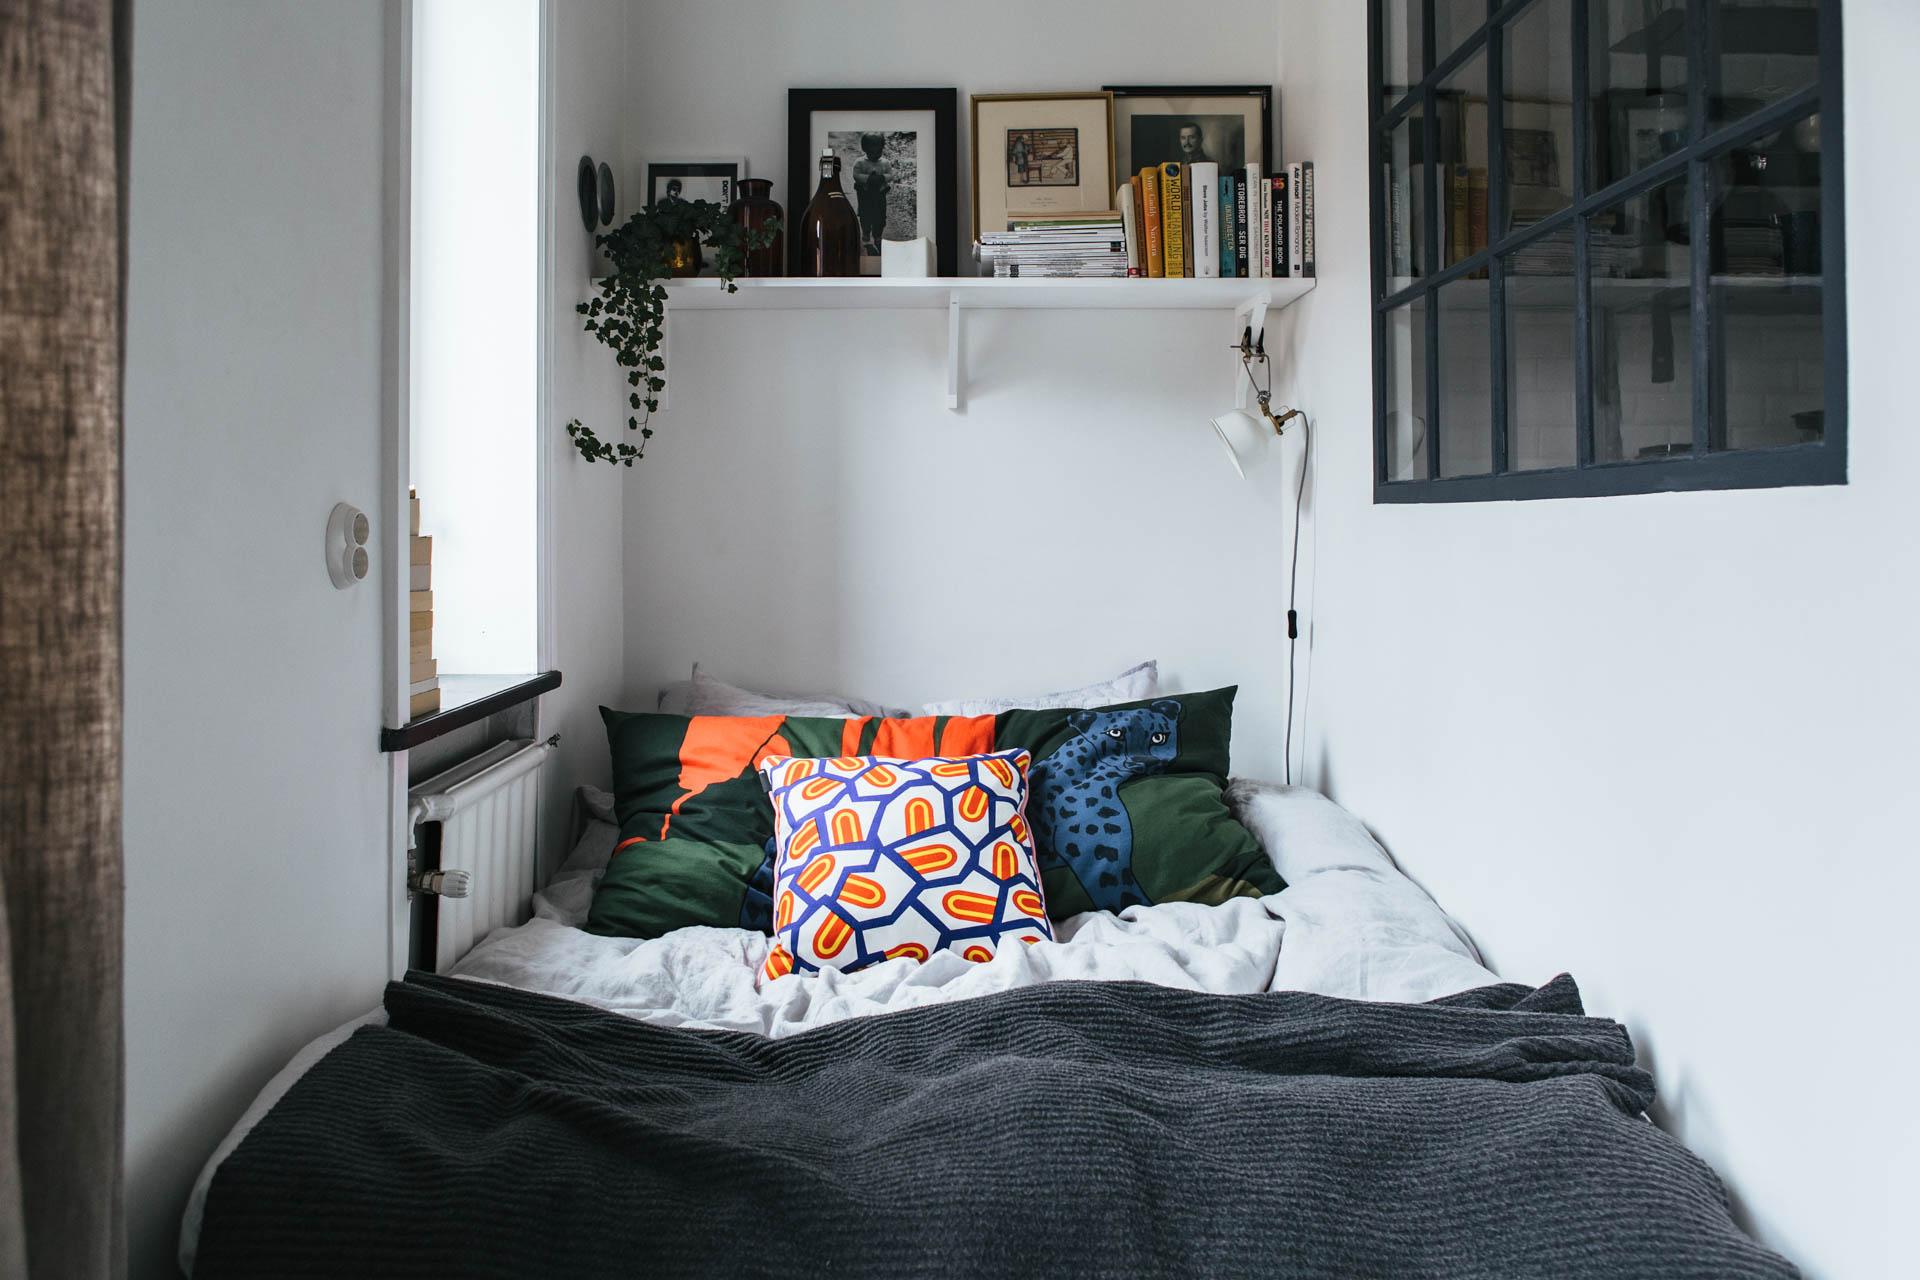 Verrassend Kleine slaapkamer inspiratie | HOMEASE OX-06